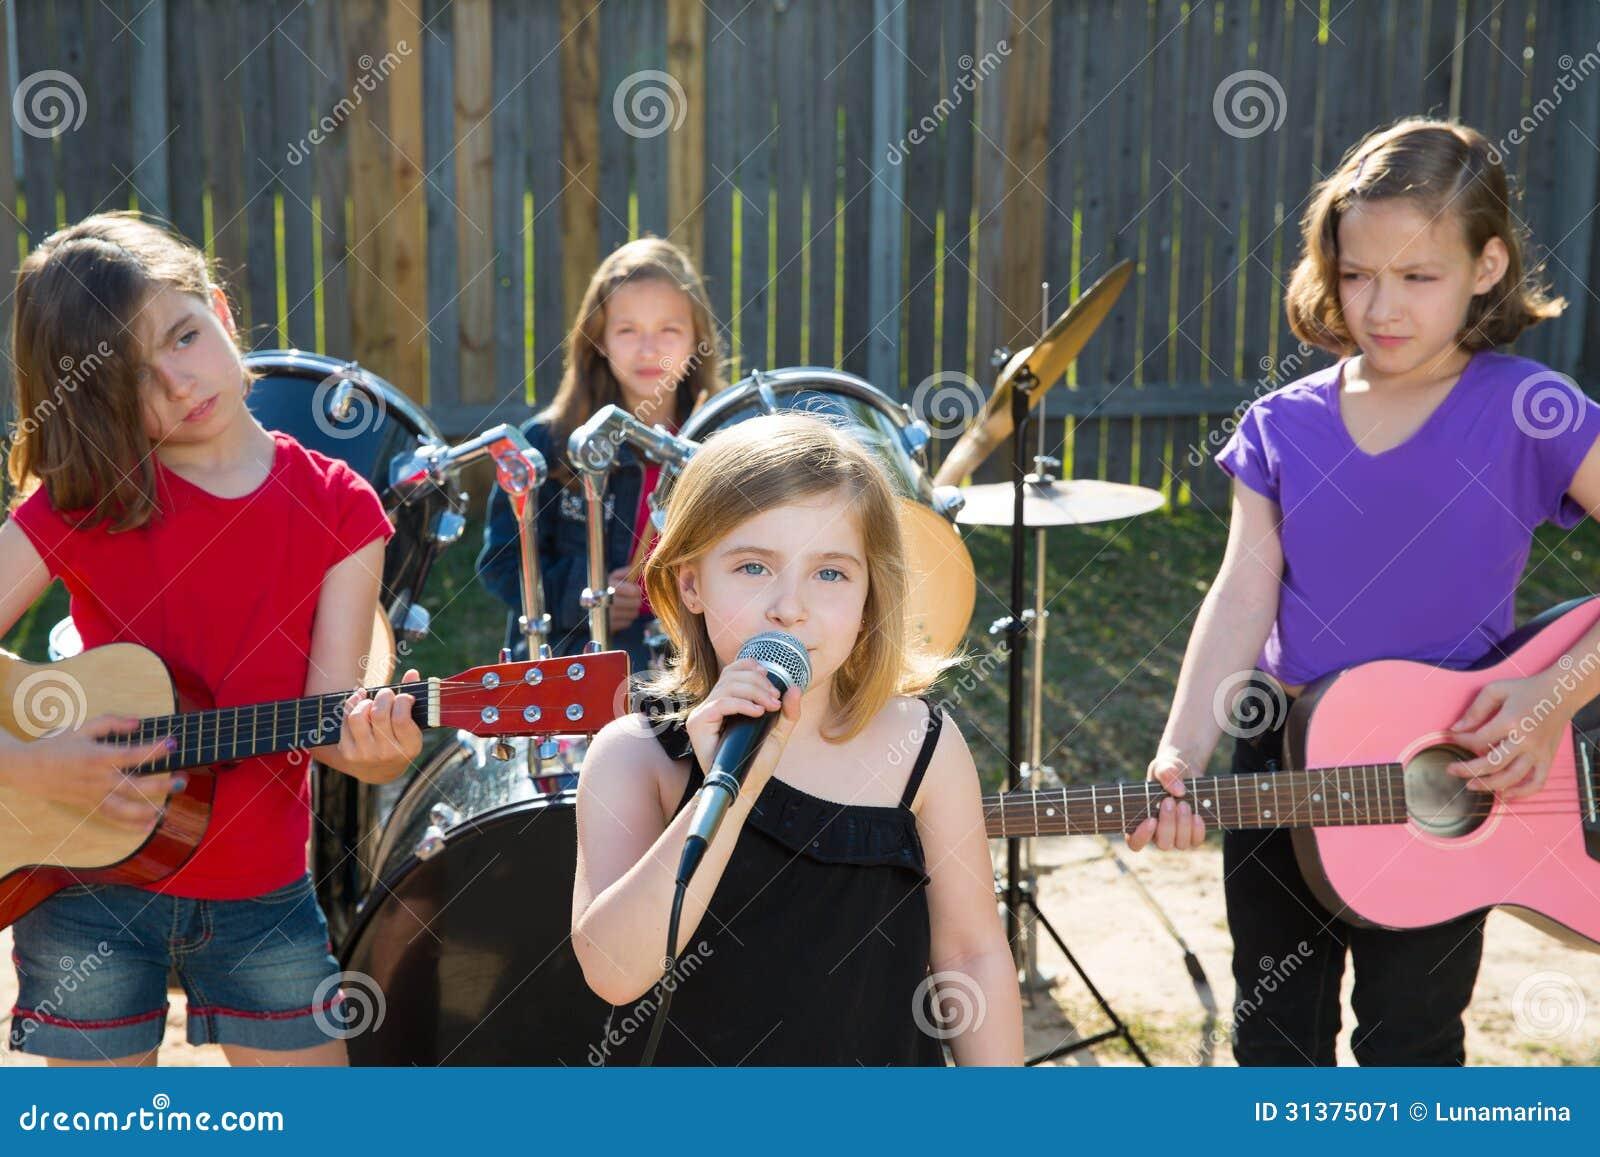 孩子戏剧乐器和女孩唱歌图片